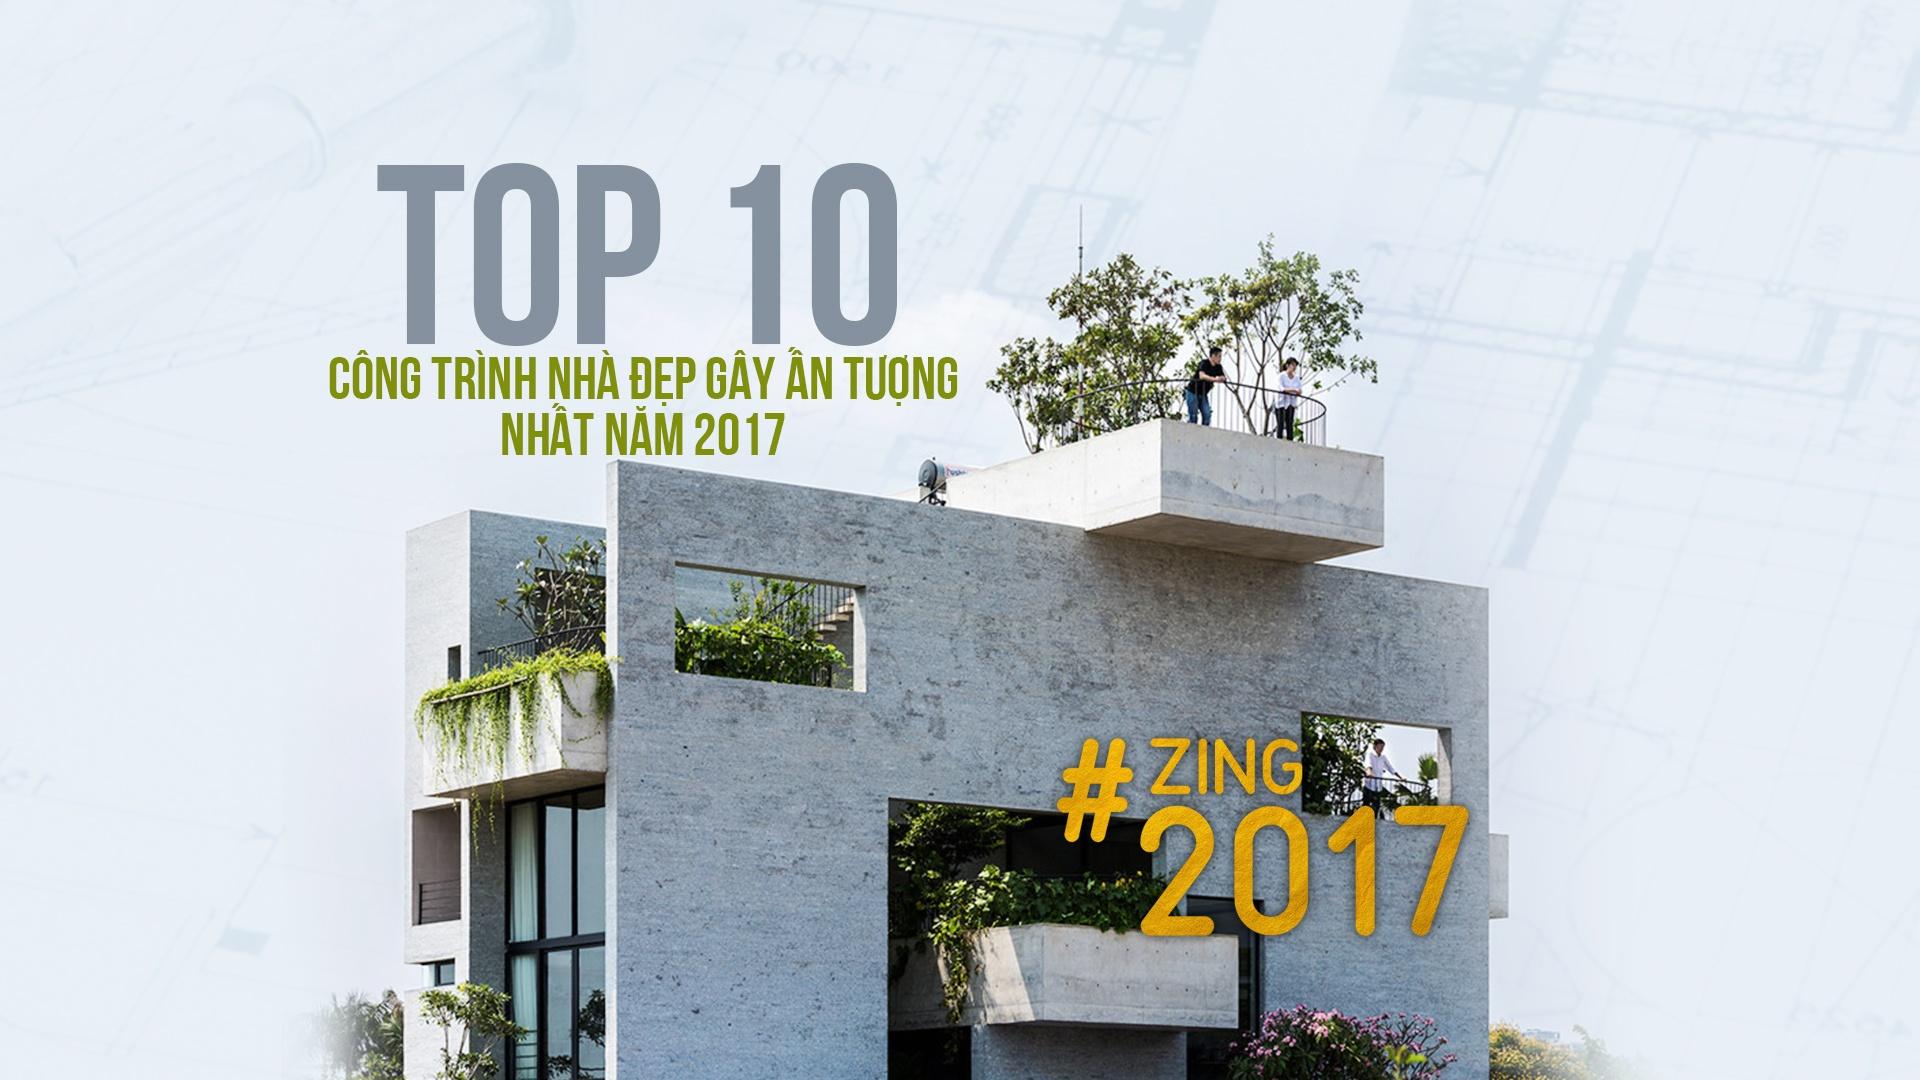 Top 10 cong trinh nha dep gay an tuong nam 2017 hinh anh 1